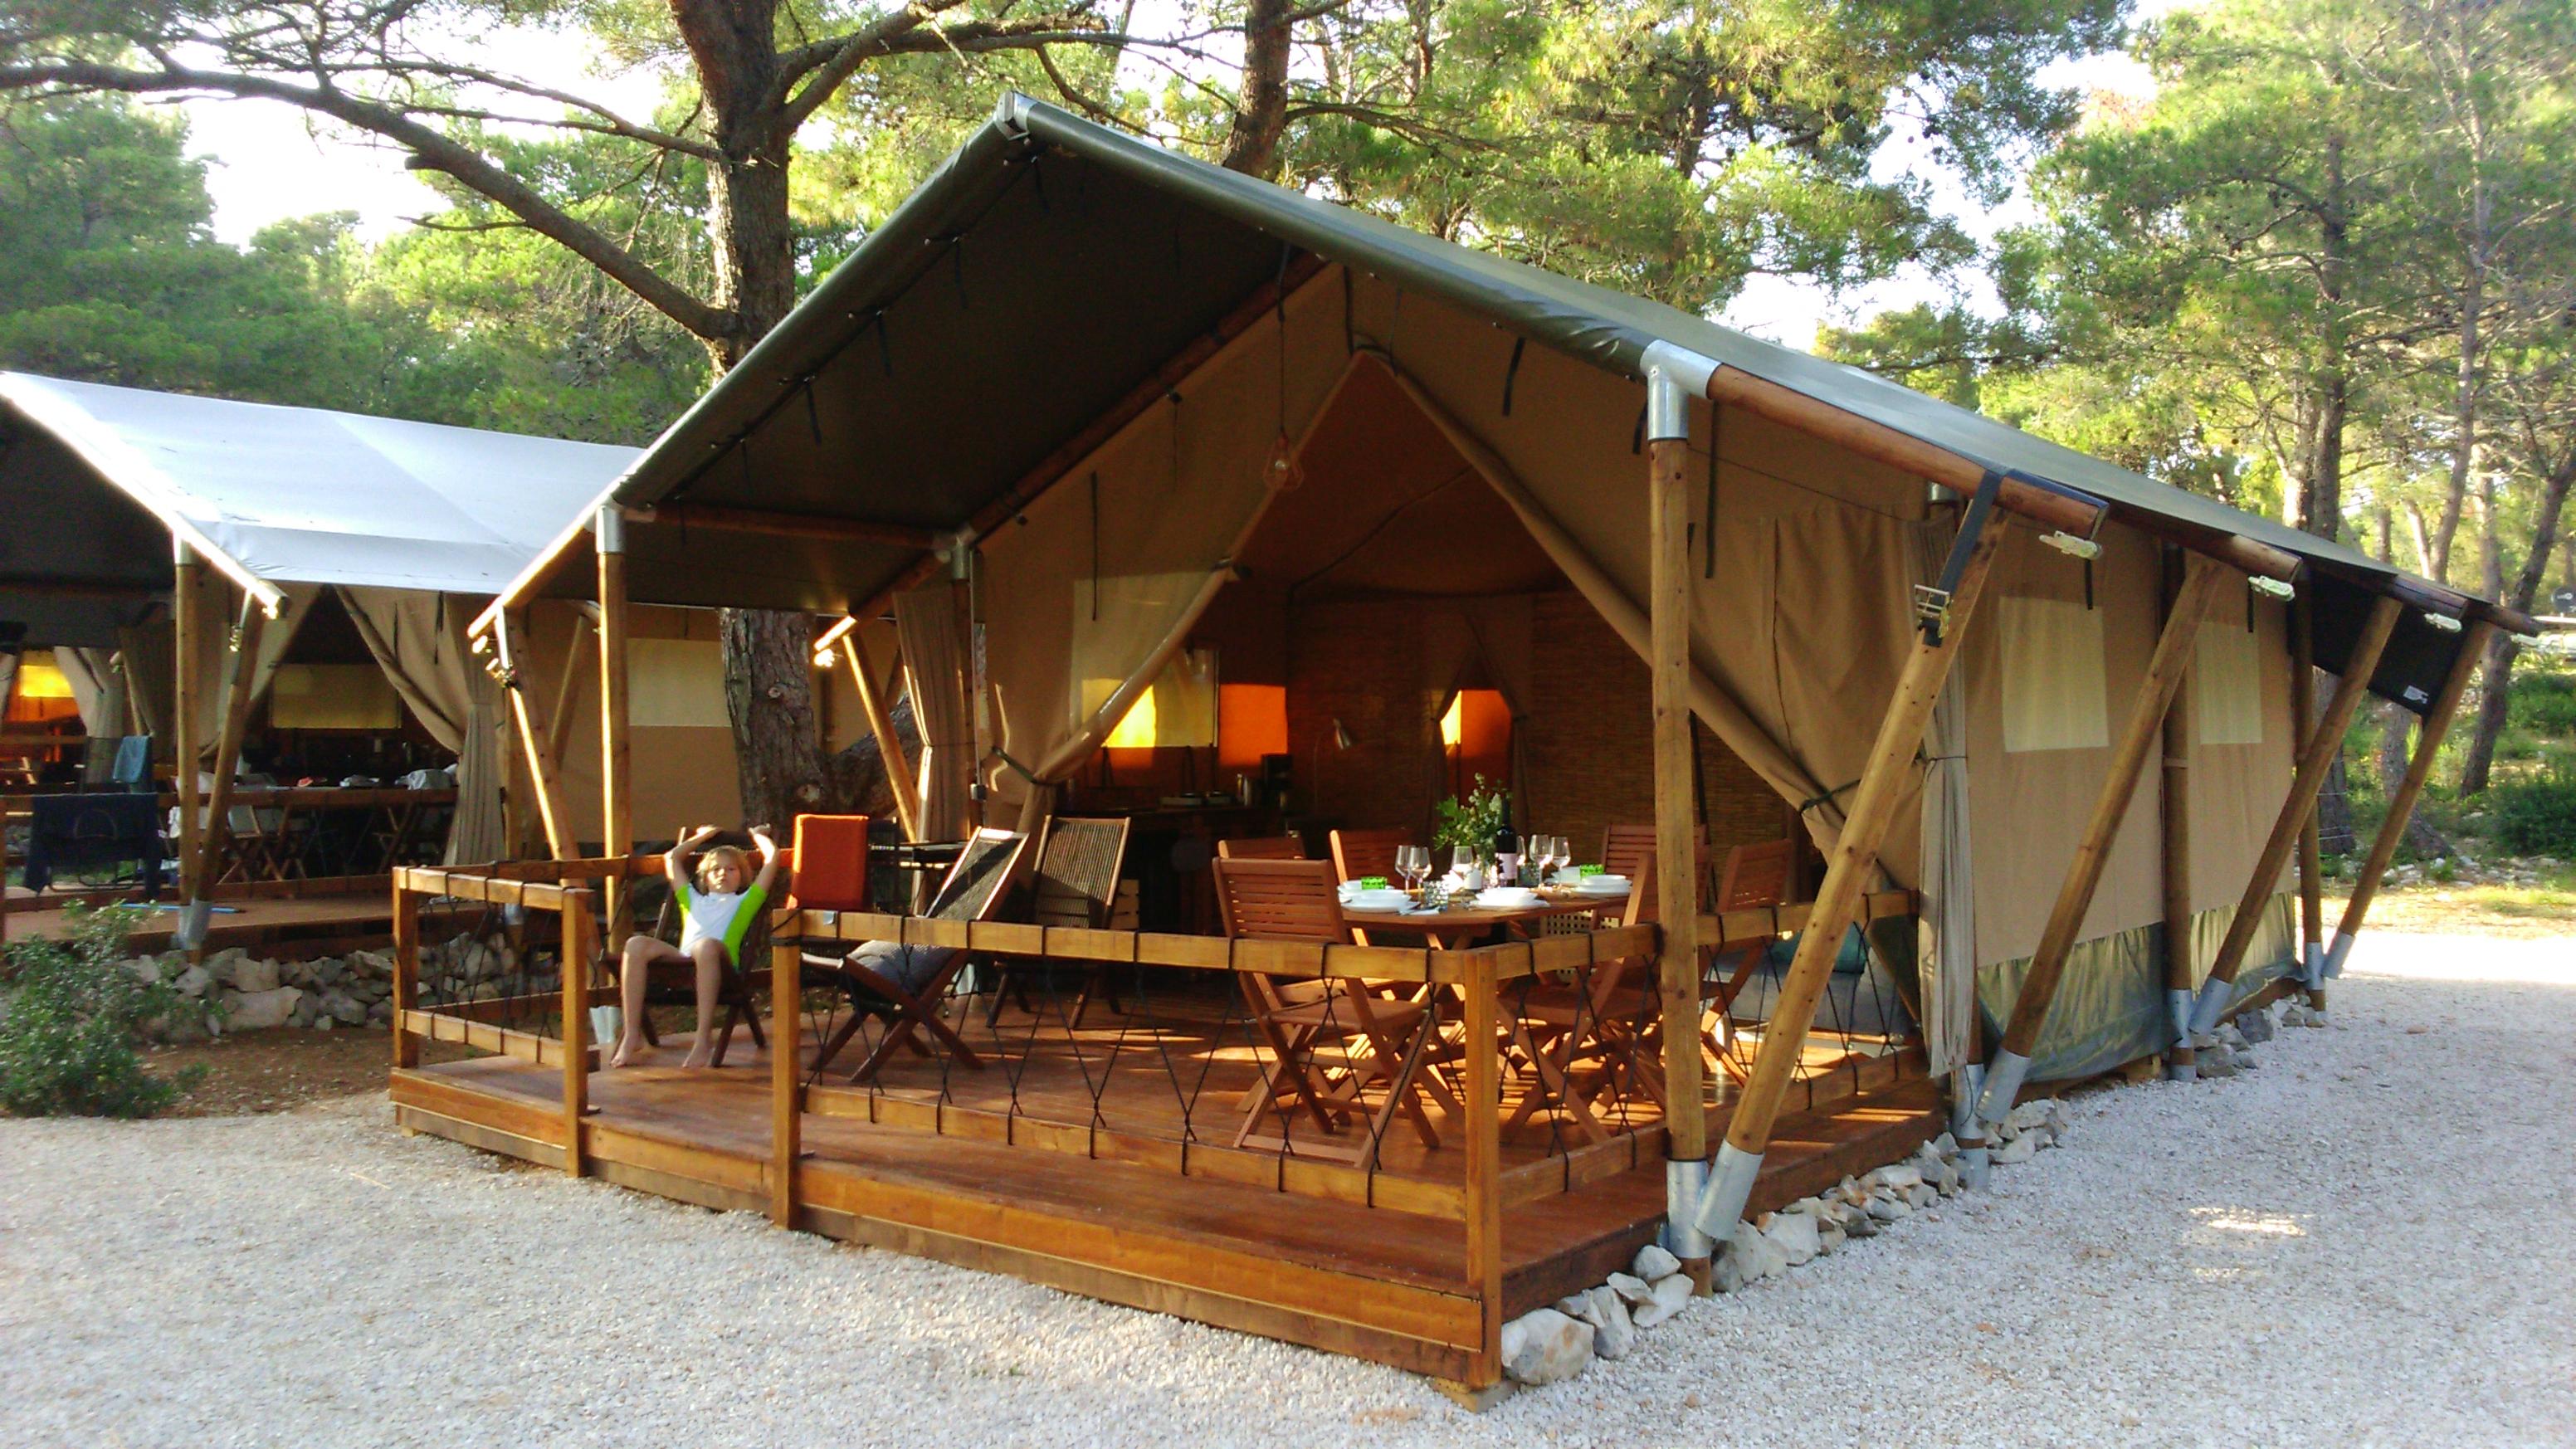 Safari Tent 1 Lo Inj Glamping Safari Tent